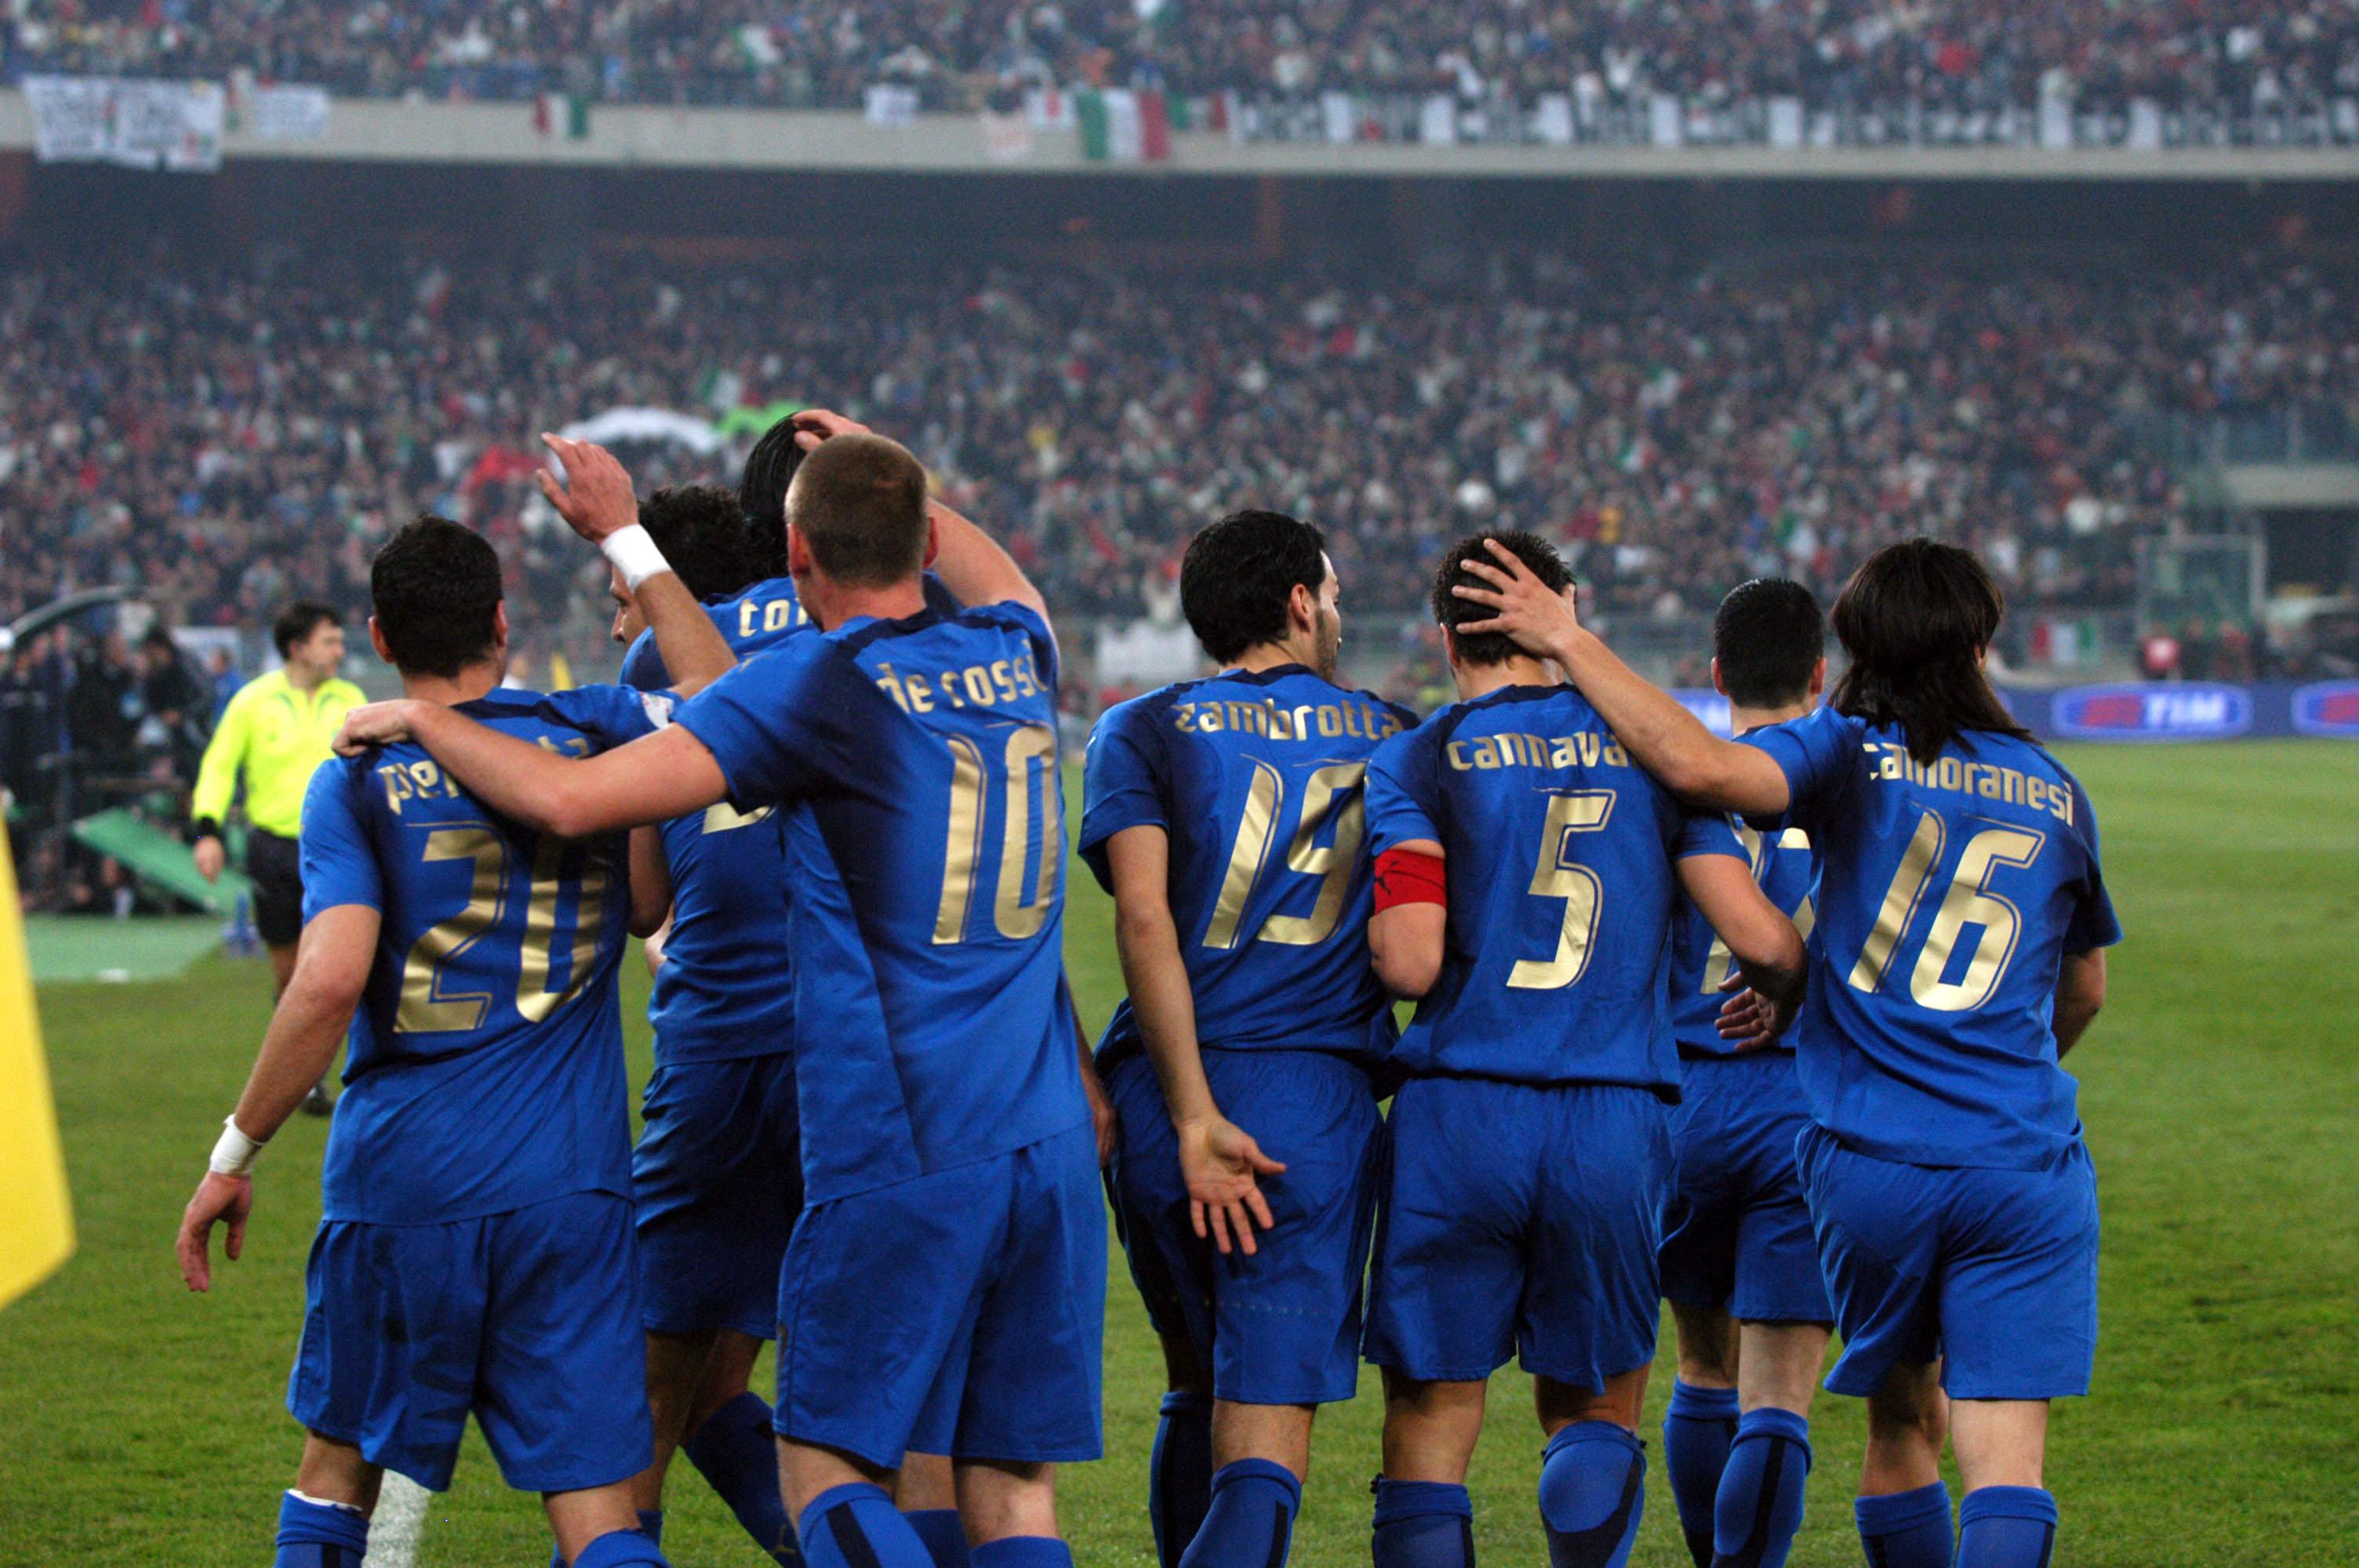 Nazionale italiana attesa in Brasile: ecco il programma